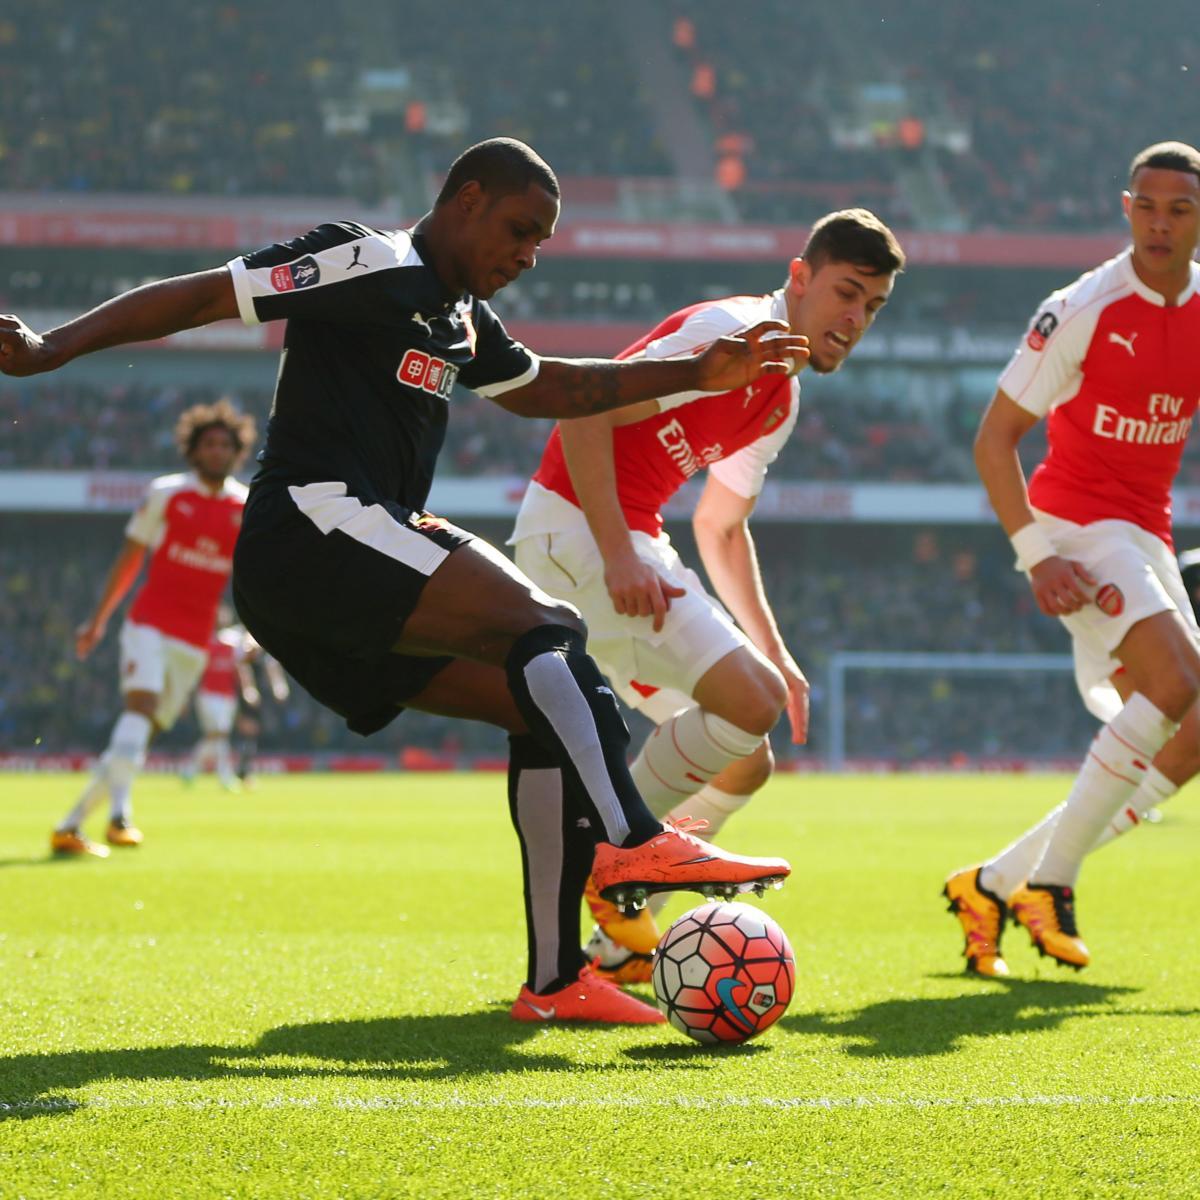 Arsenal Vs Tottenham Live Score Highlights From Premier: Arsenal Vs. Watford: Live Score, Highlights From Premier